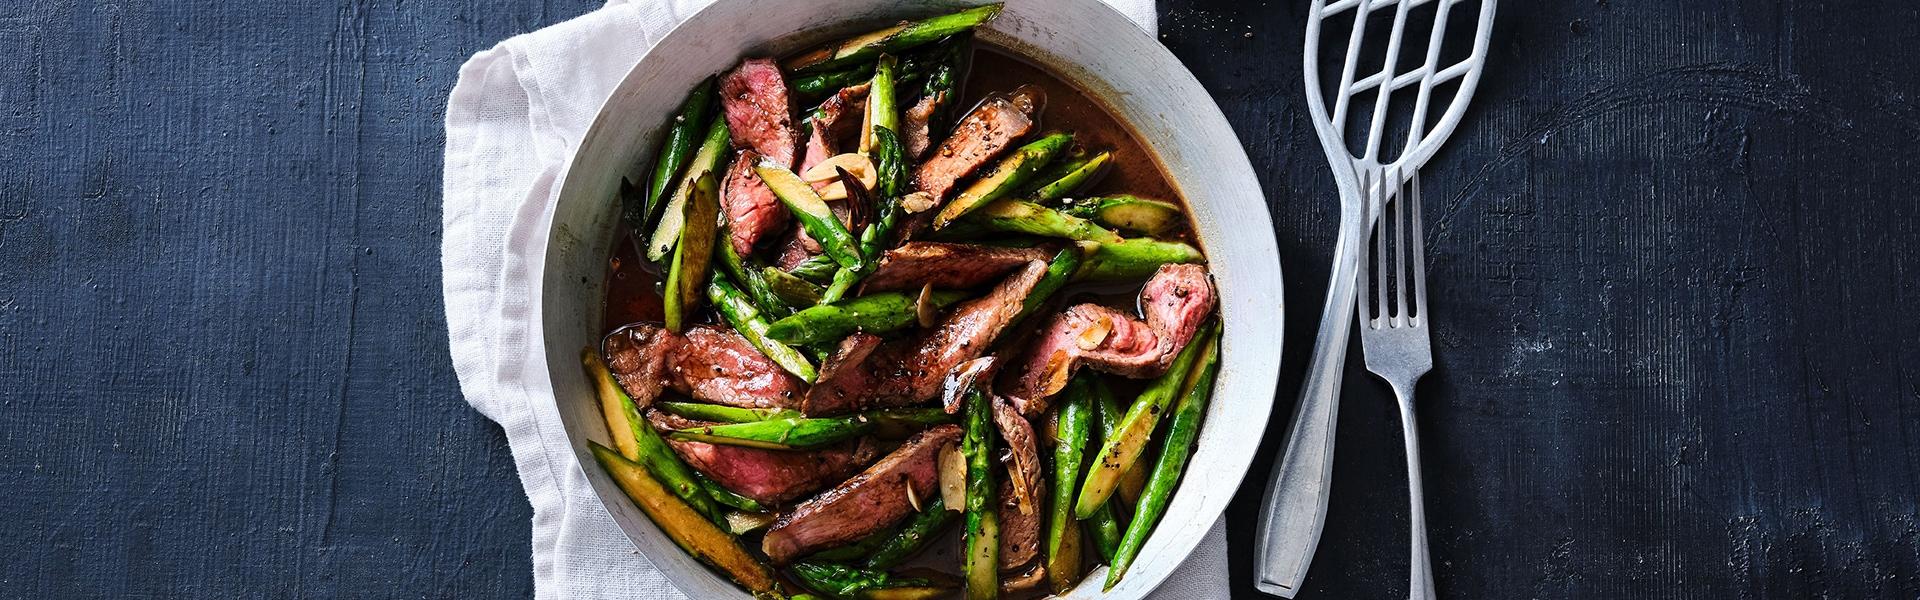 Steakpfanne mit Spargel